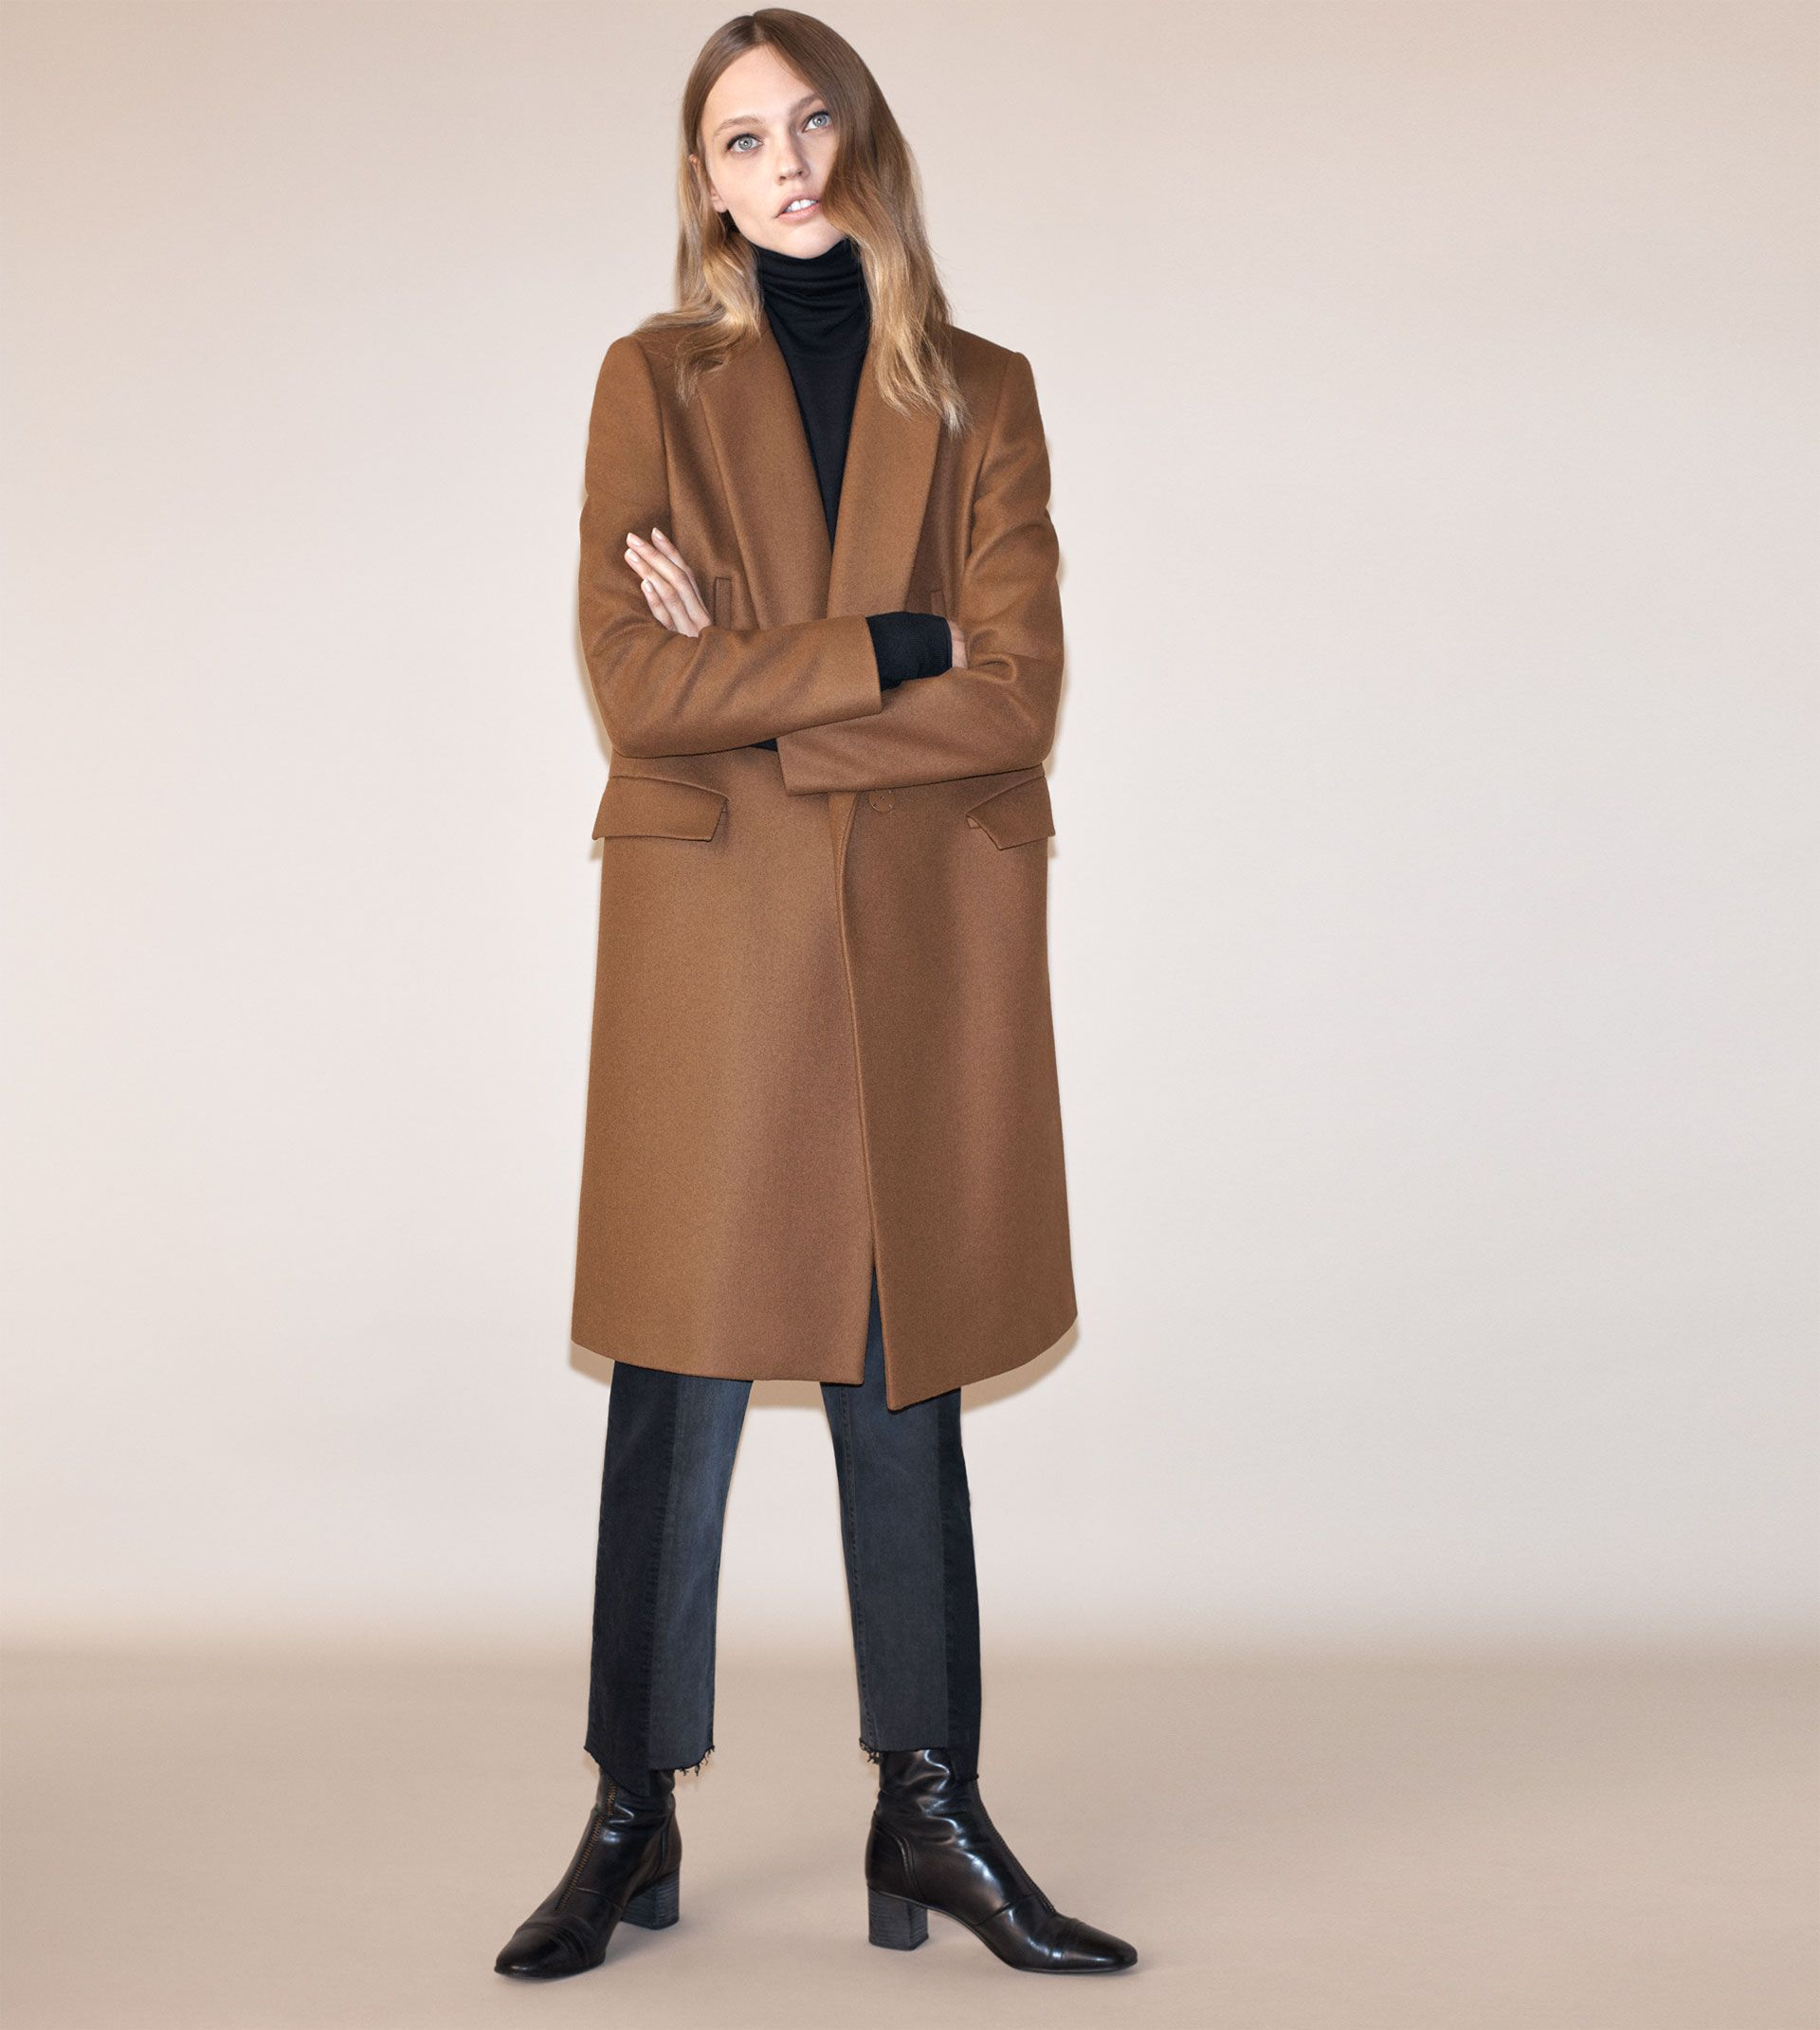 Cappotti Zara: 13 modelli per l'inverno